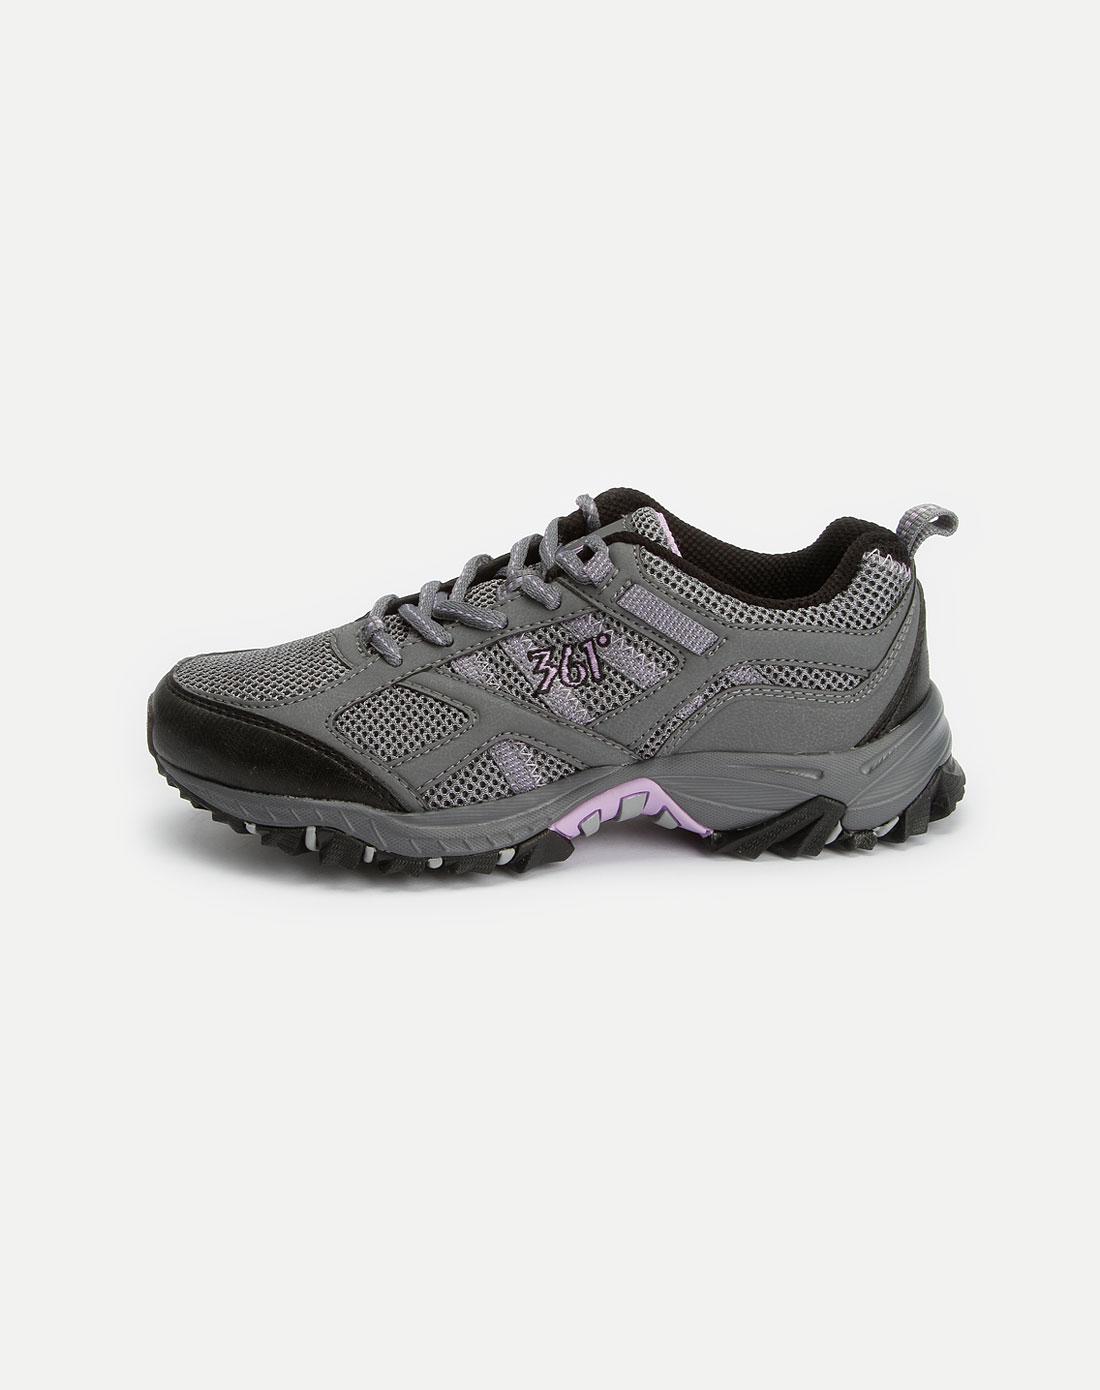 女款深灰/紫色网面运动鞋